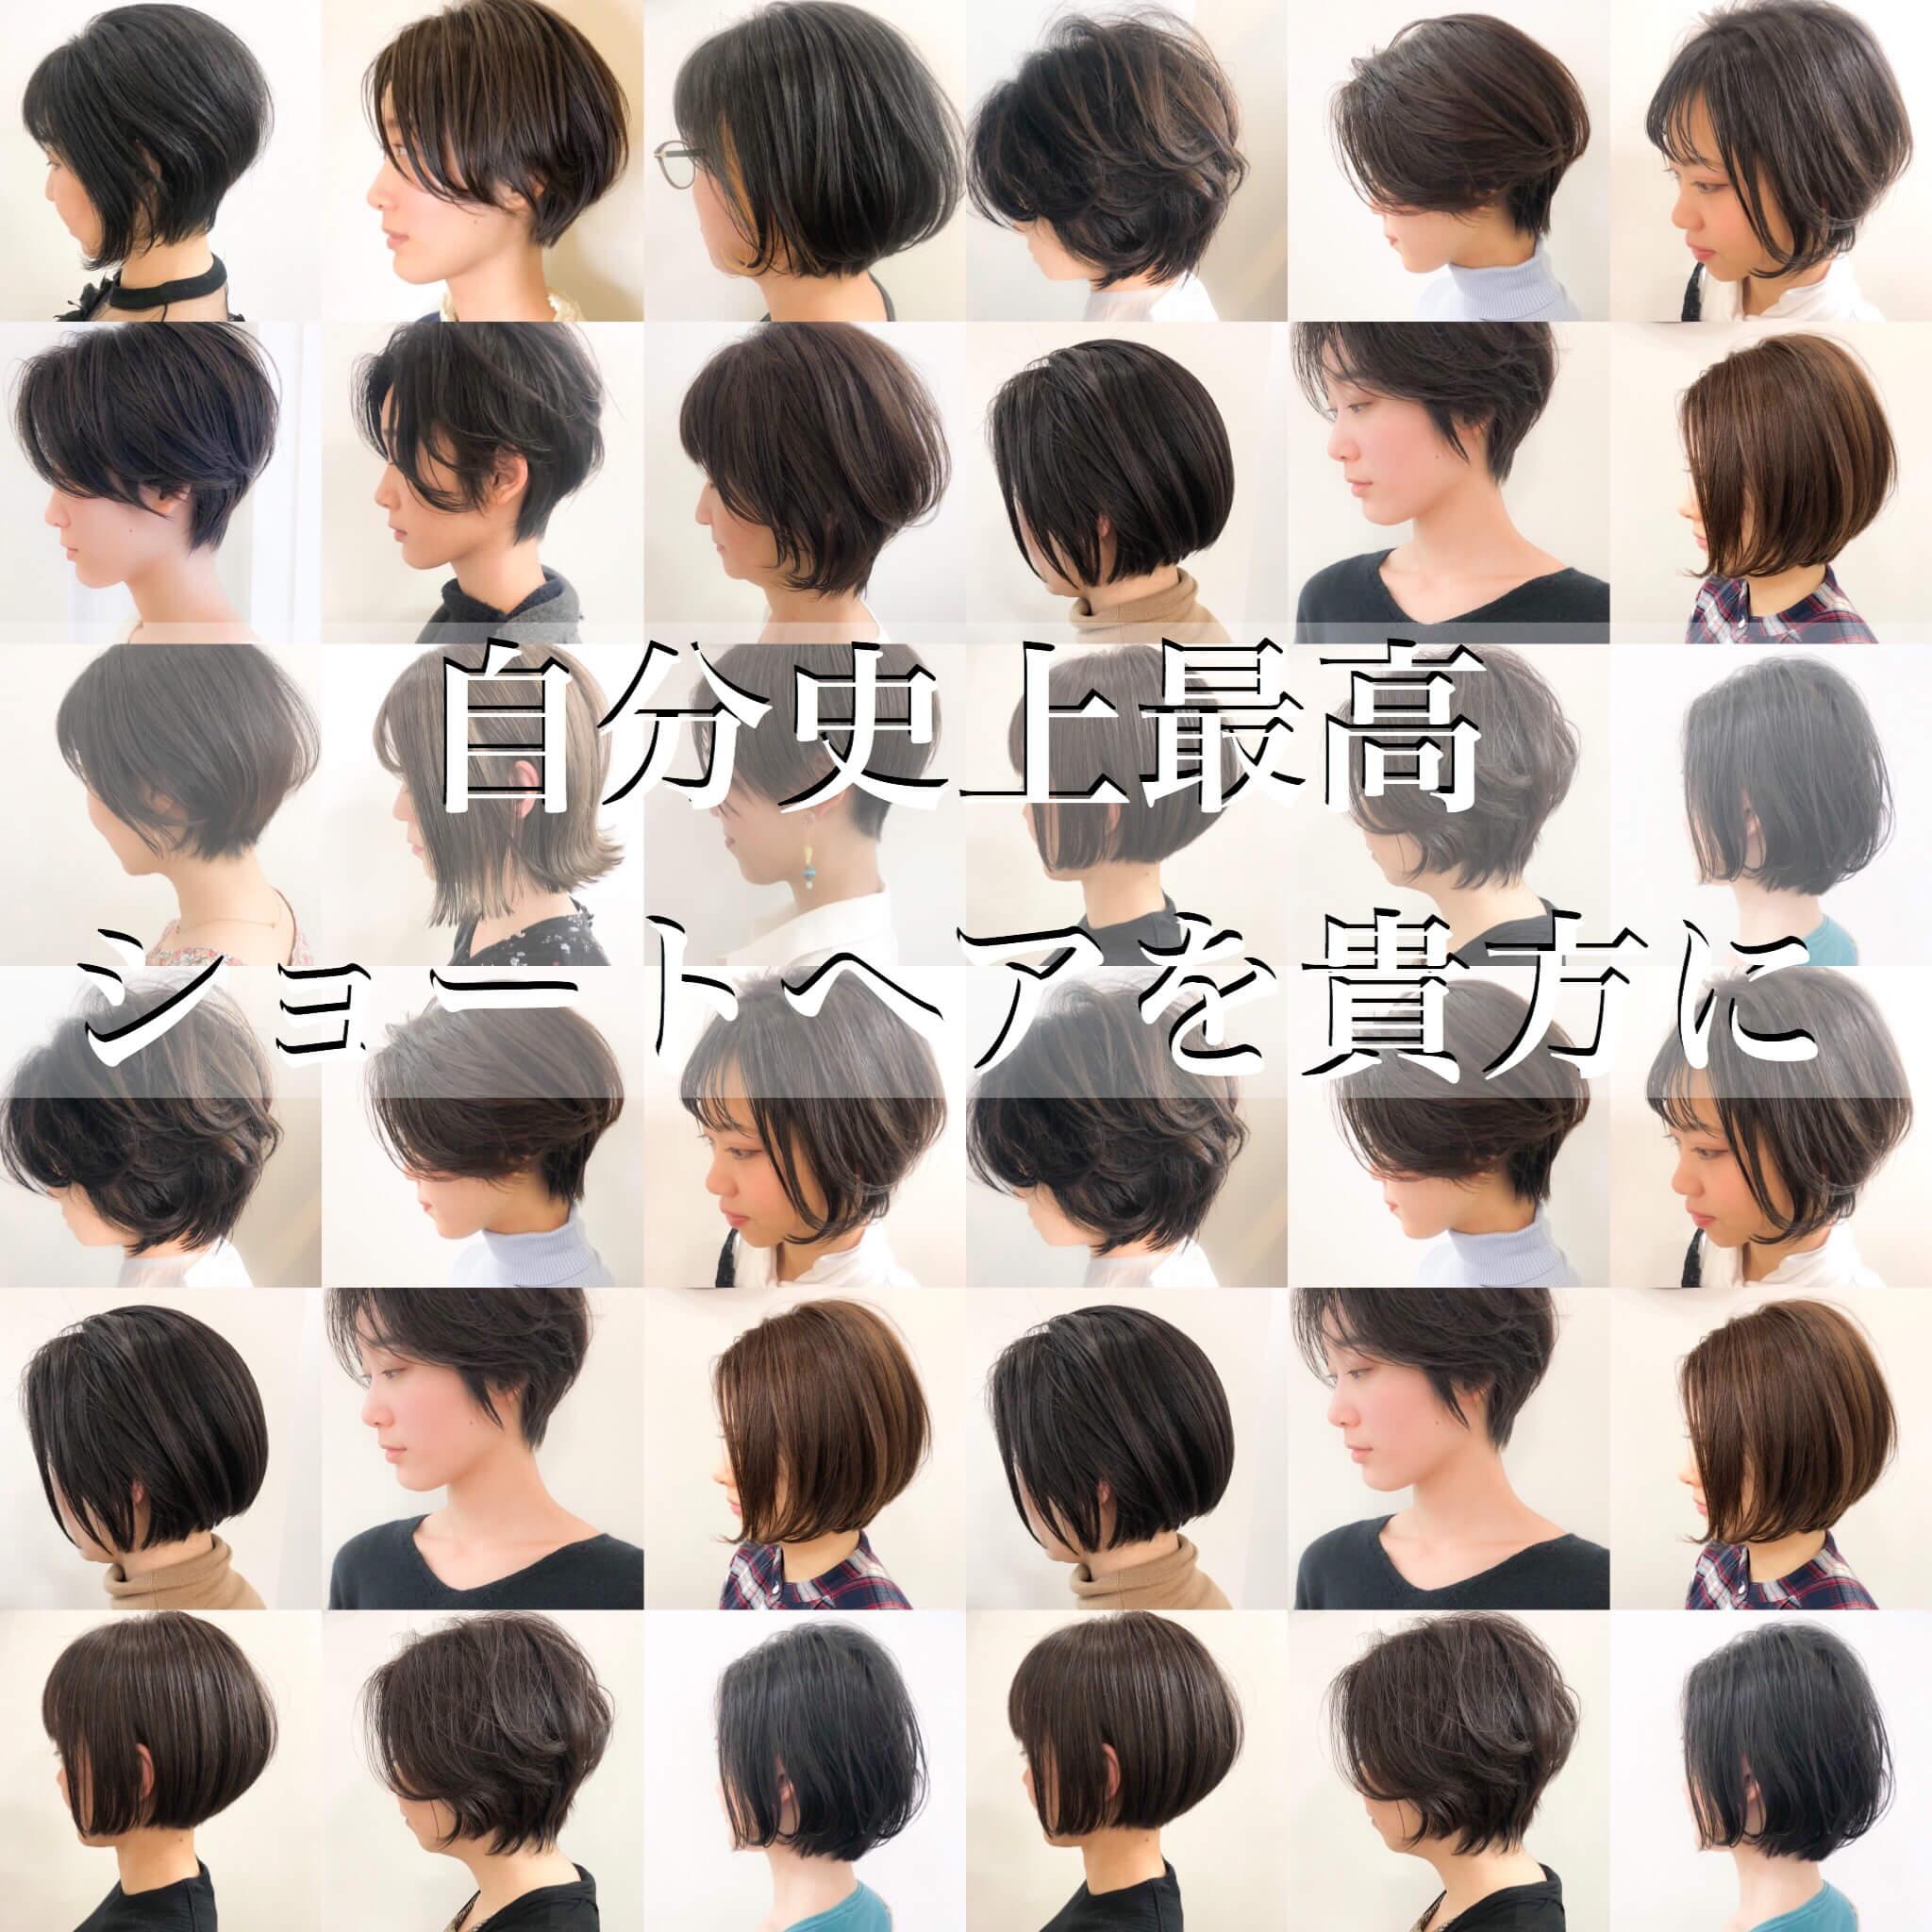 【大阪府枚方市樟葉ショートヘア専門家・美容師】平松賢則